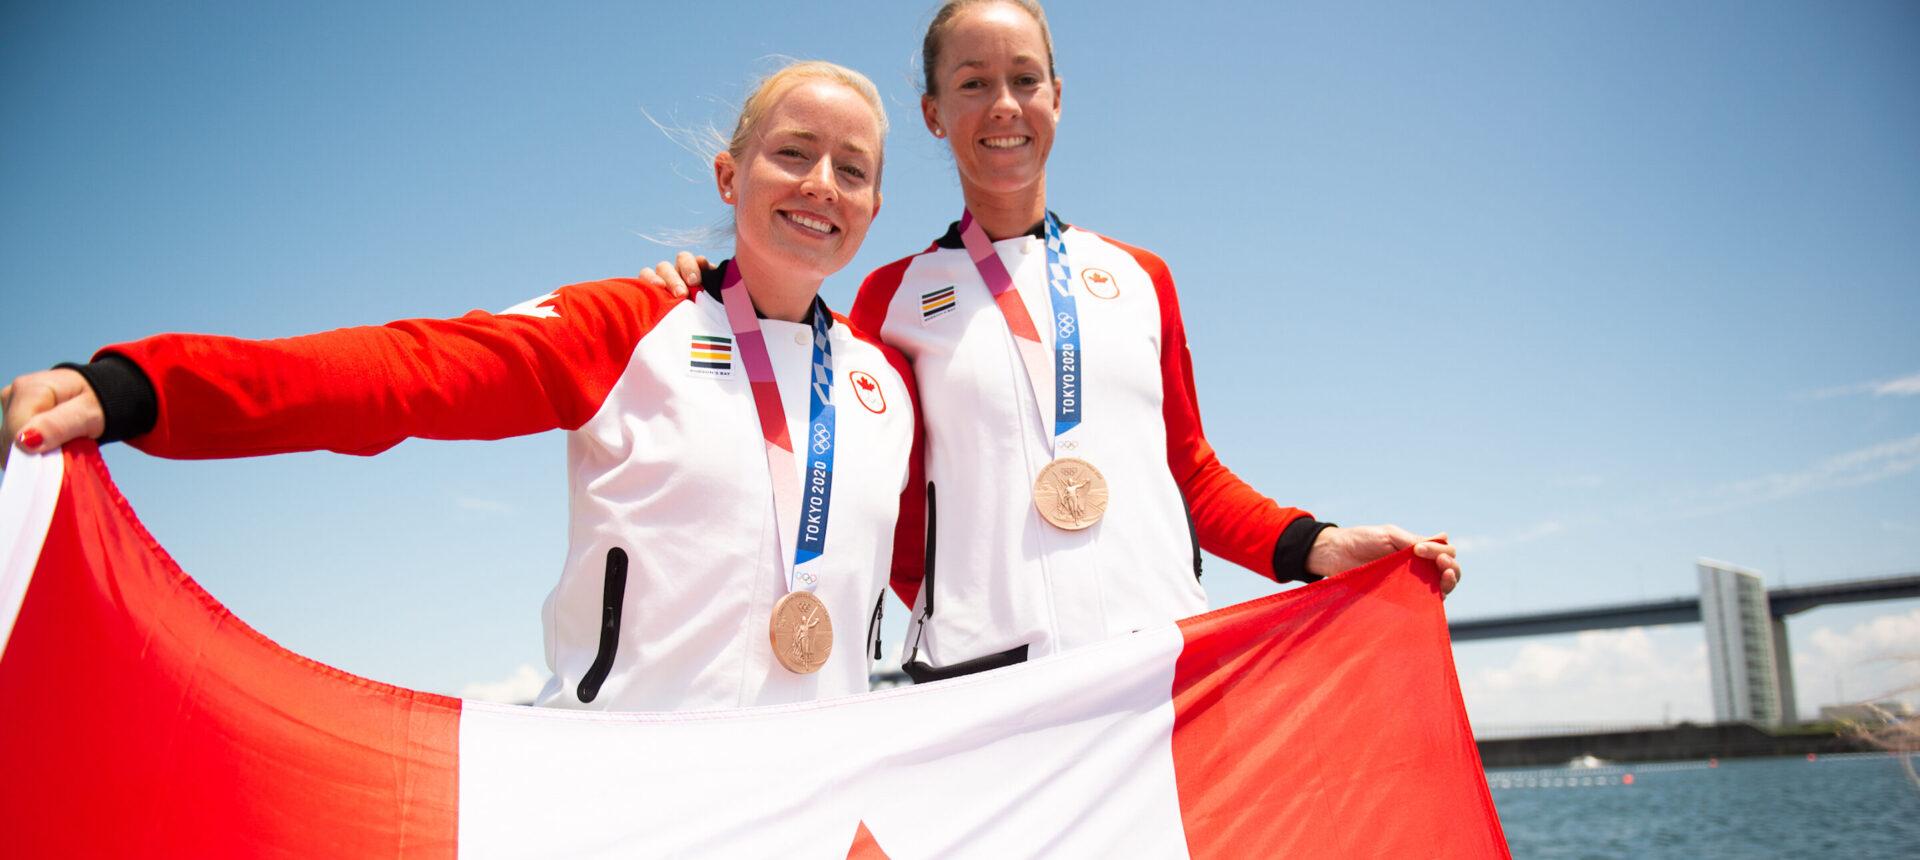 Médaille de bronze olympique pour Filmer et Janssens